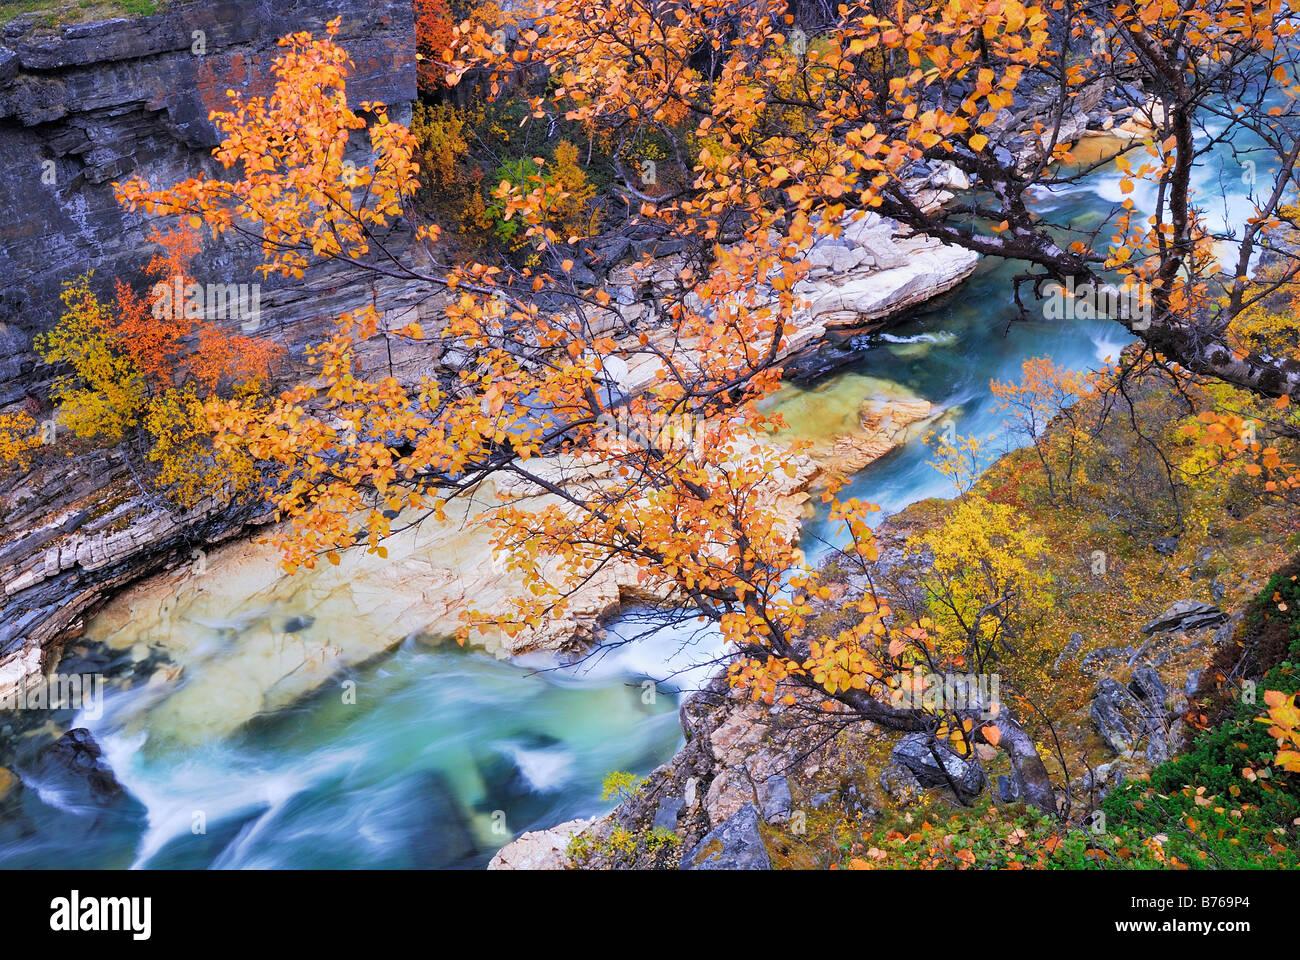 abisko jakka river njulla mountain abisko canyon landscape abisko national park norrbotten lapland sweden europe Stock Photo